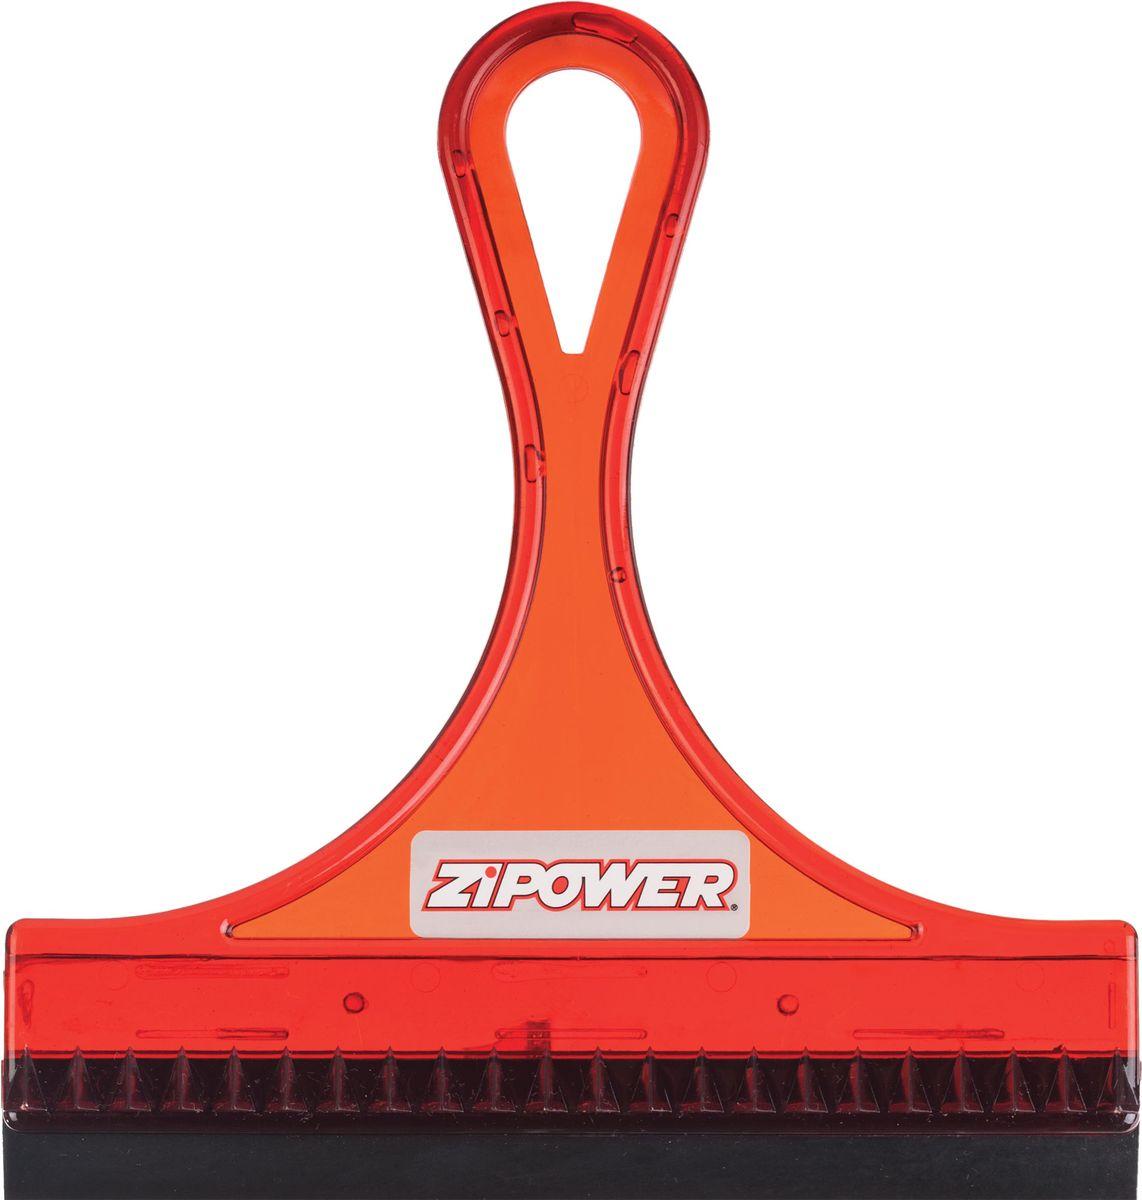 Скребок для удаления воды Zipower, резиновый, ширина 15,5 см98293777Скребок для удаления воды Zipower позволяет быстро удалить воду со стекол изеркал автомобиля. Угол наклона ручки относительно рабочей поверхностискребка минимизирует прикладываемое усилие. Рабочая часть изготовлена извысококачественного материала, что позволяет эффективно удалять воду состекол и зеркал на протяжении длительного срока эксплуатации.Аксессуар снабжен удобной ручкой с отверстием для подвешивания. Модель изготовлена из современных материалов, отвечающих всем европейскимстандартам качества. Ширина щетки: 1,5 см. Длина щетки: 17 см.